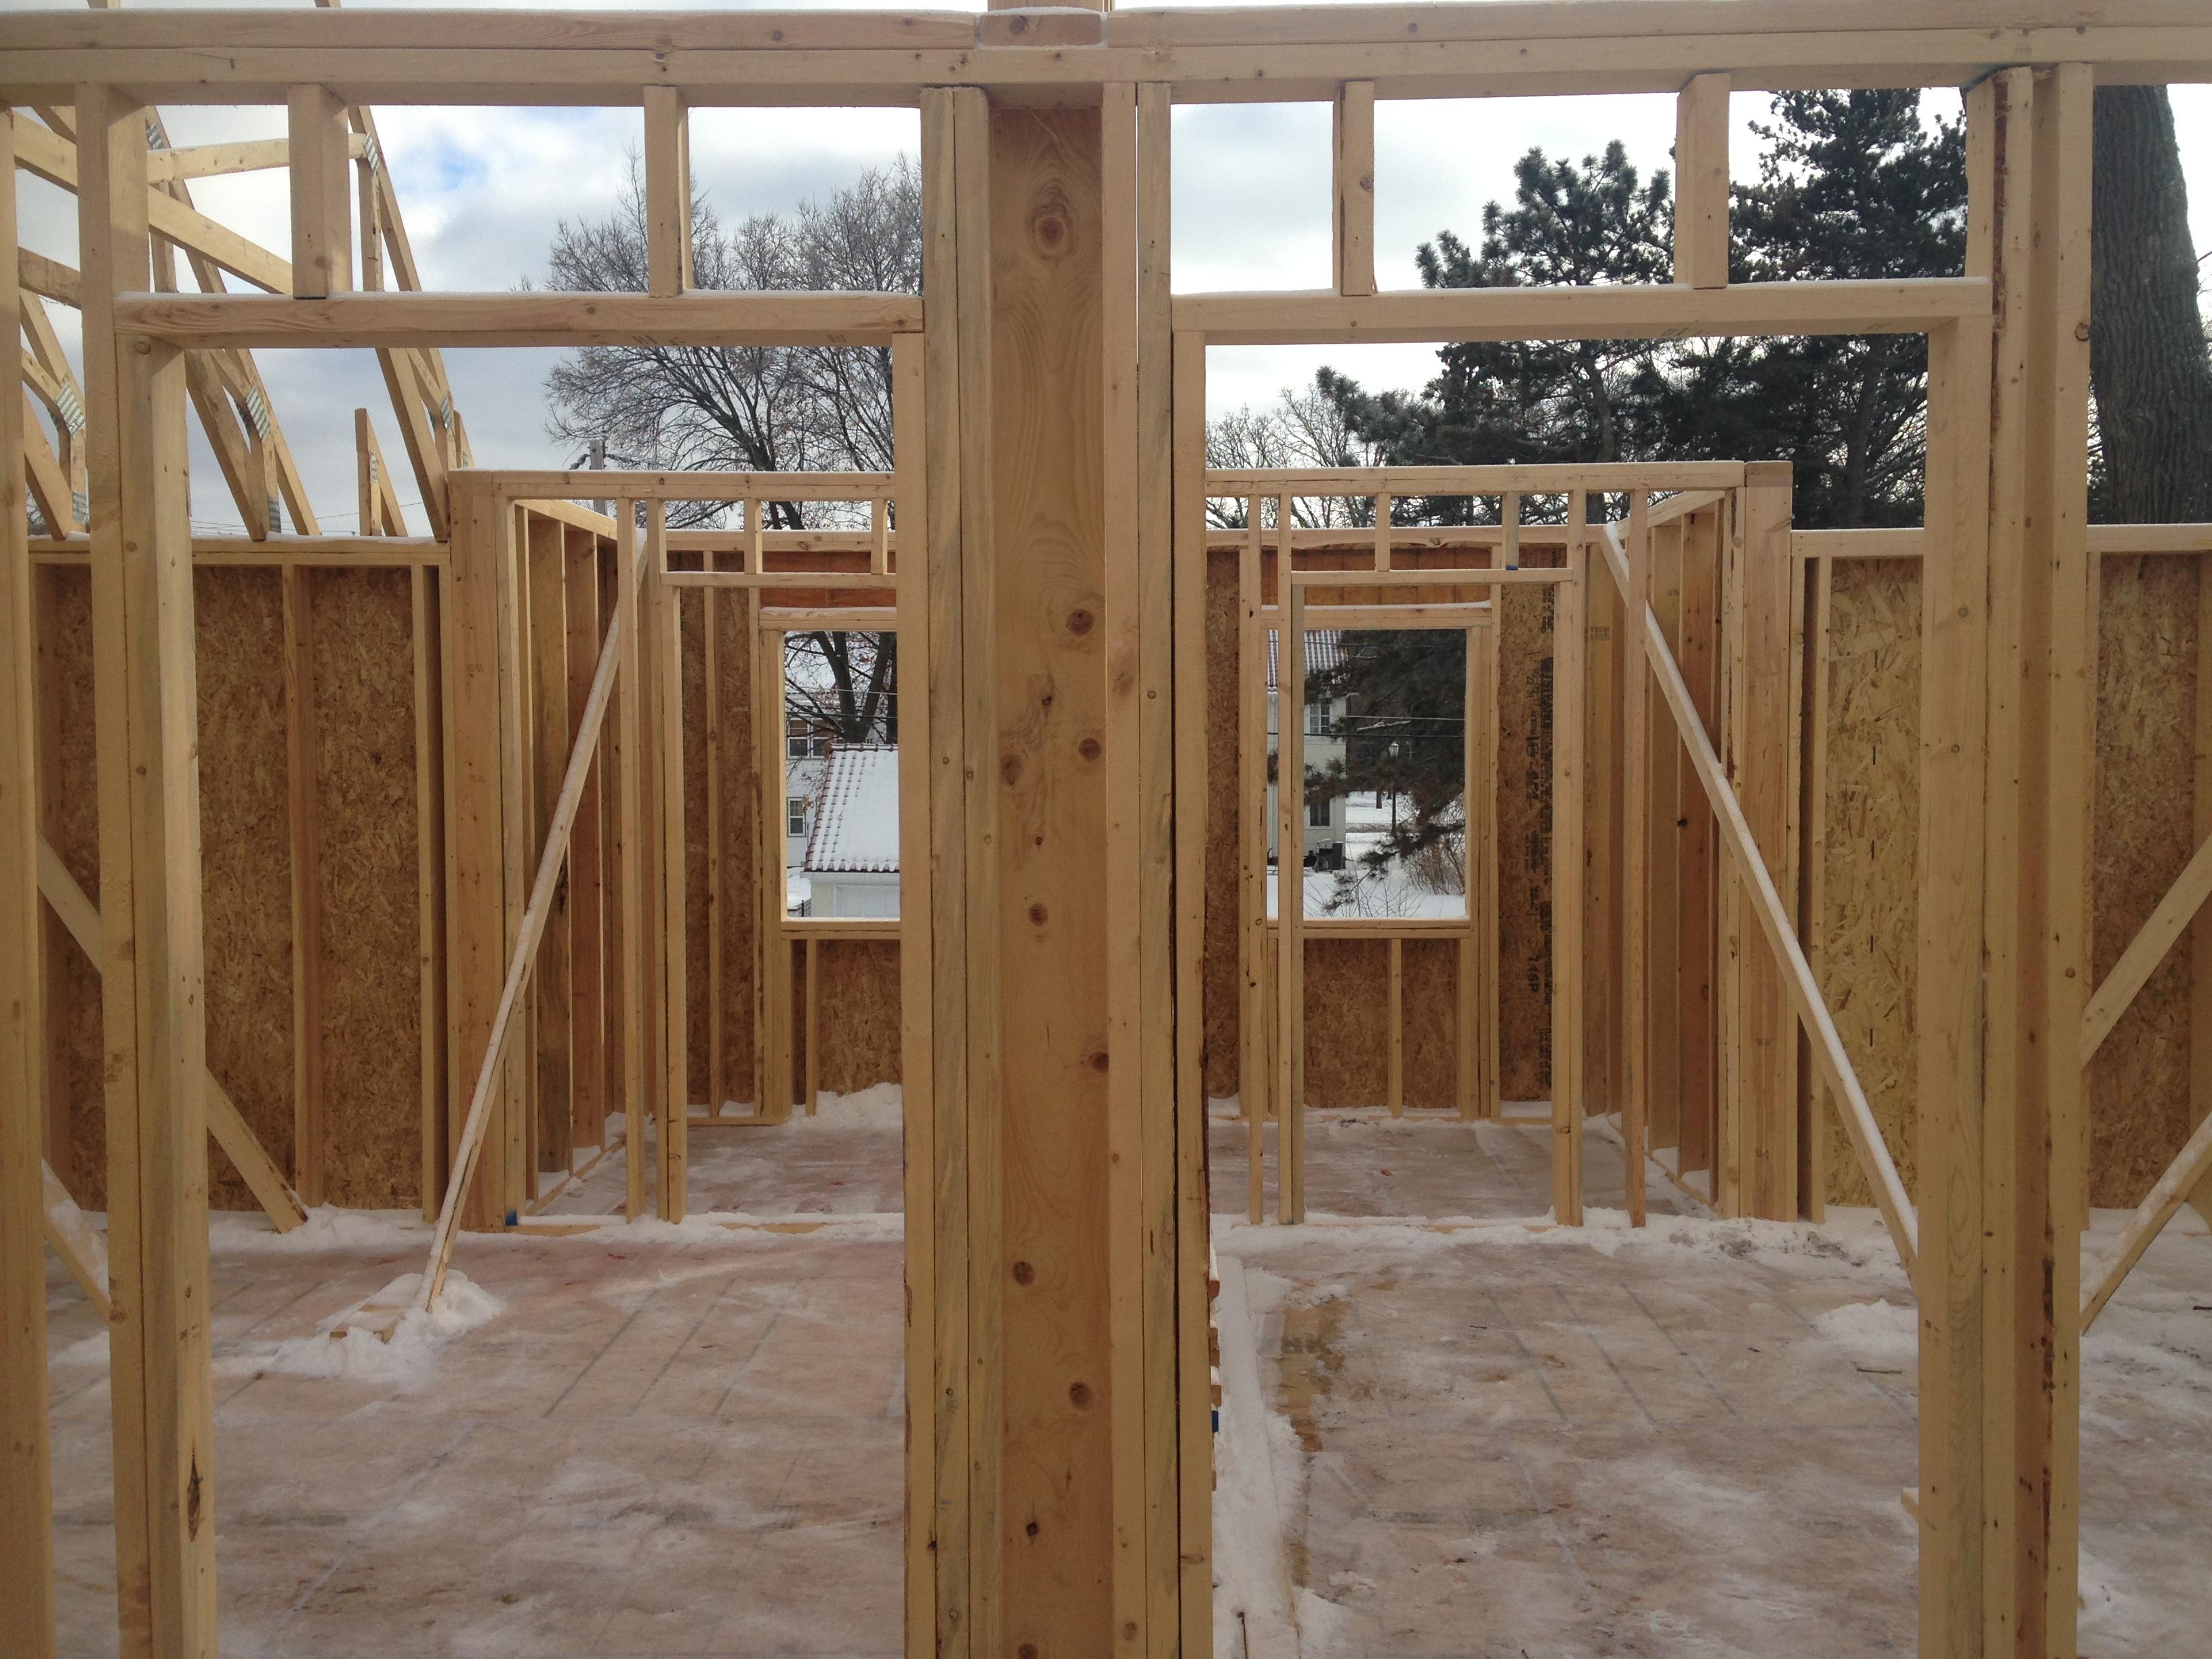 Interior Framing-Hall-View toward Bedrooms-2018.02.20